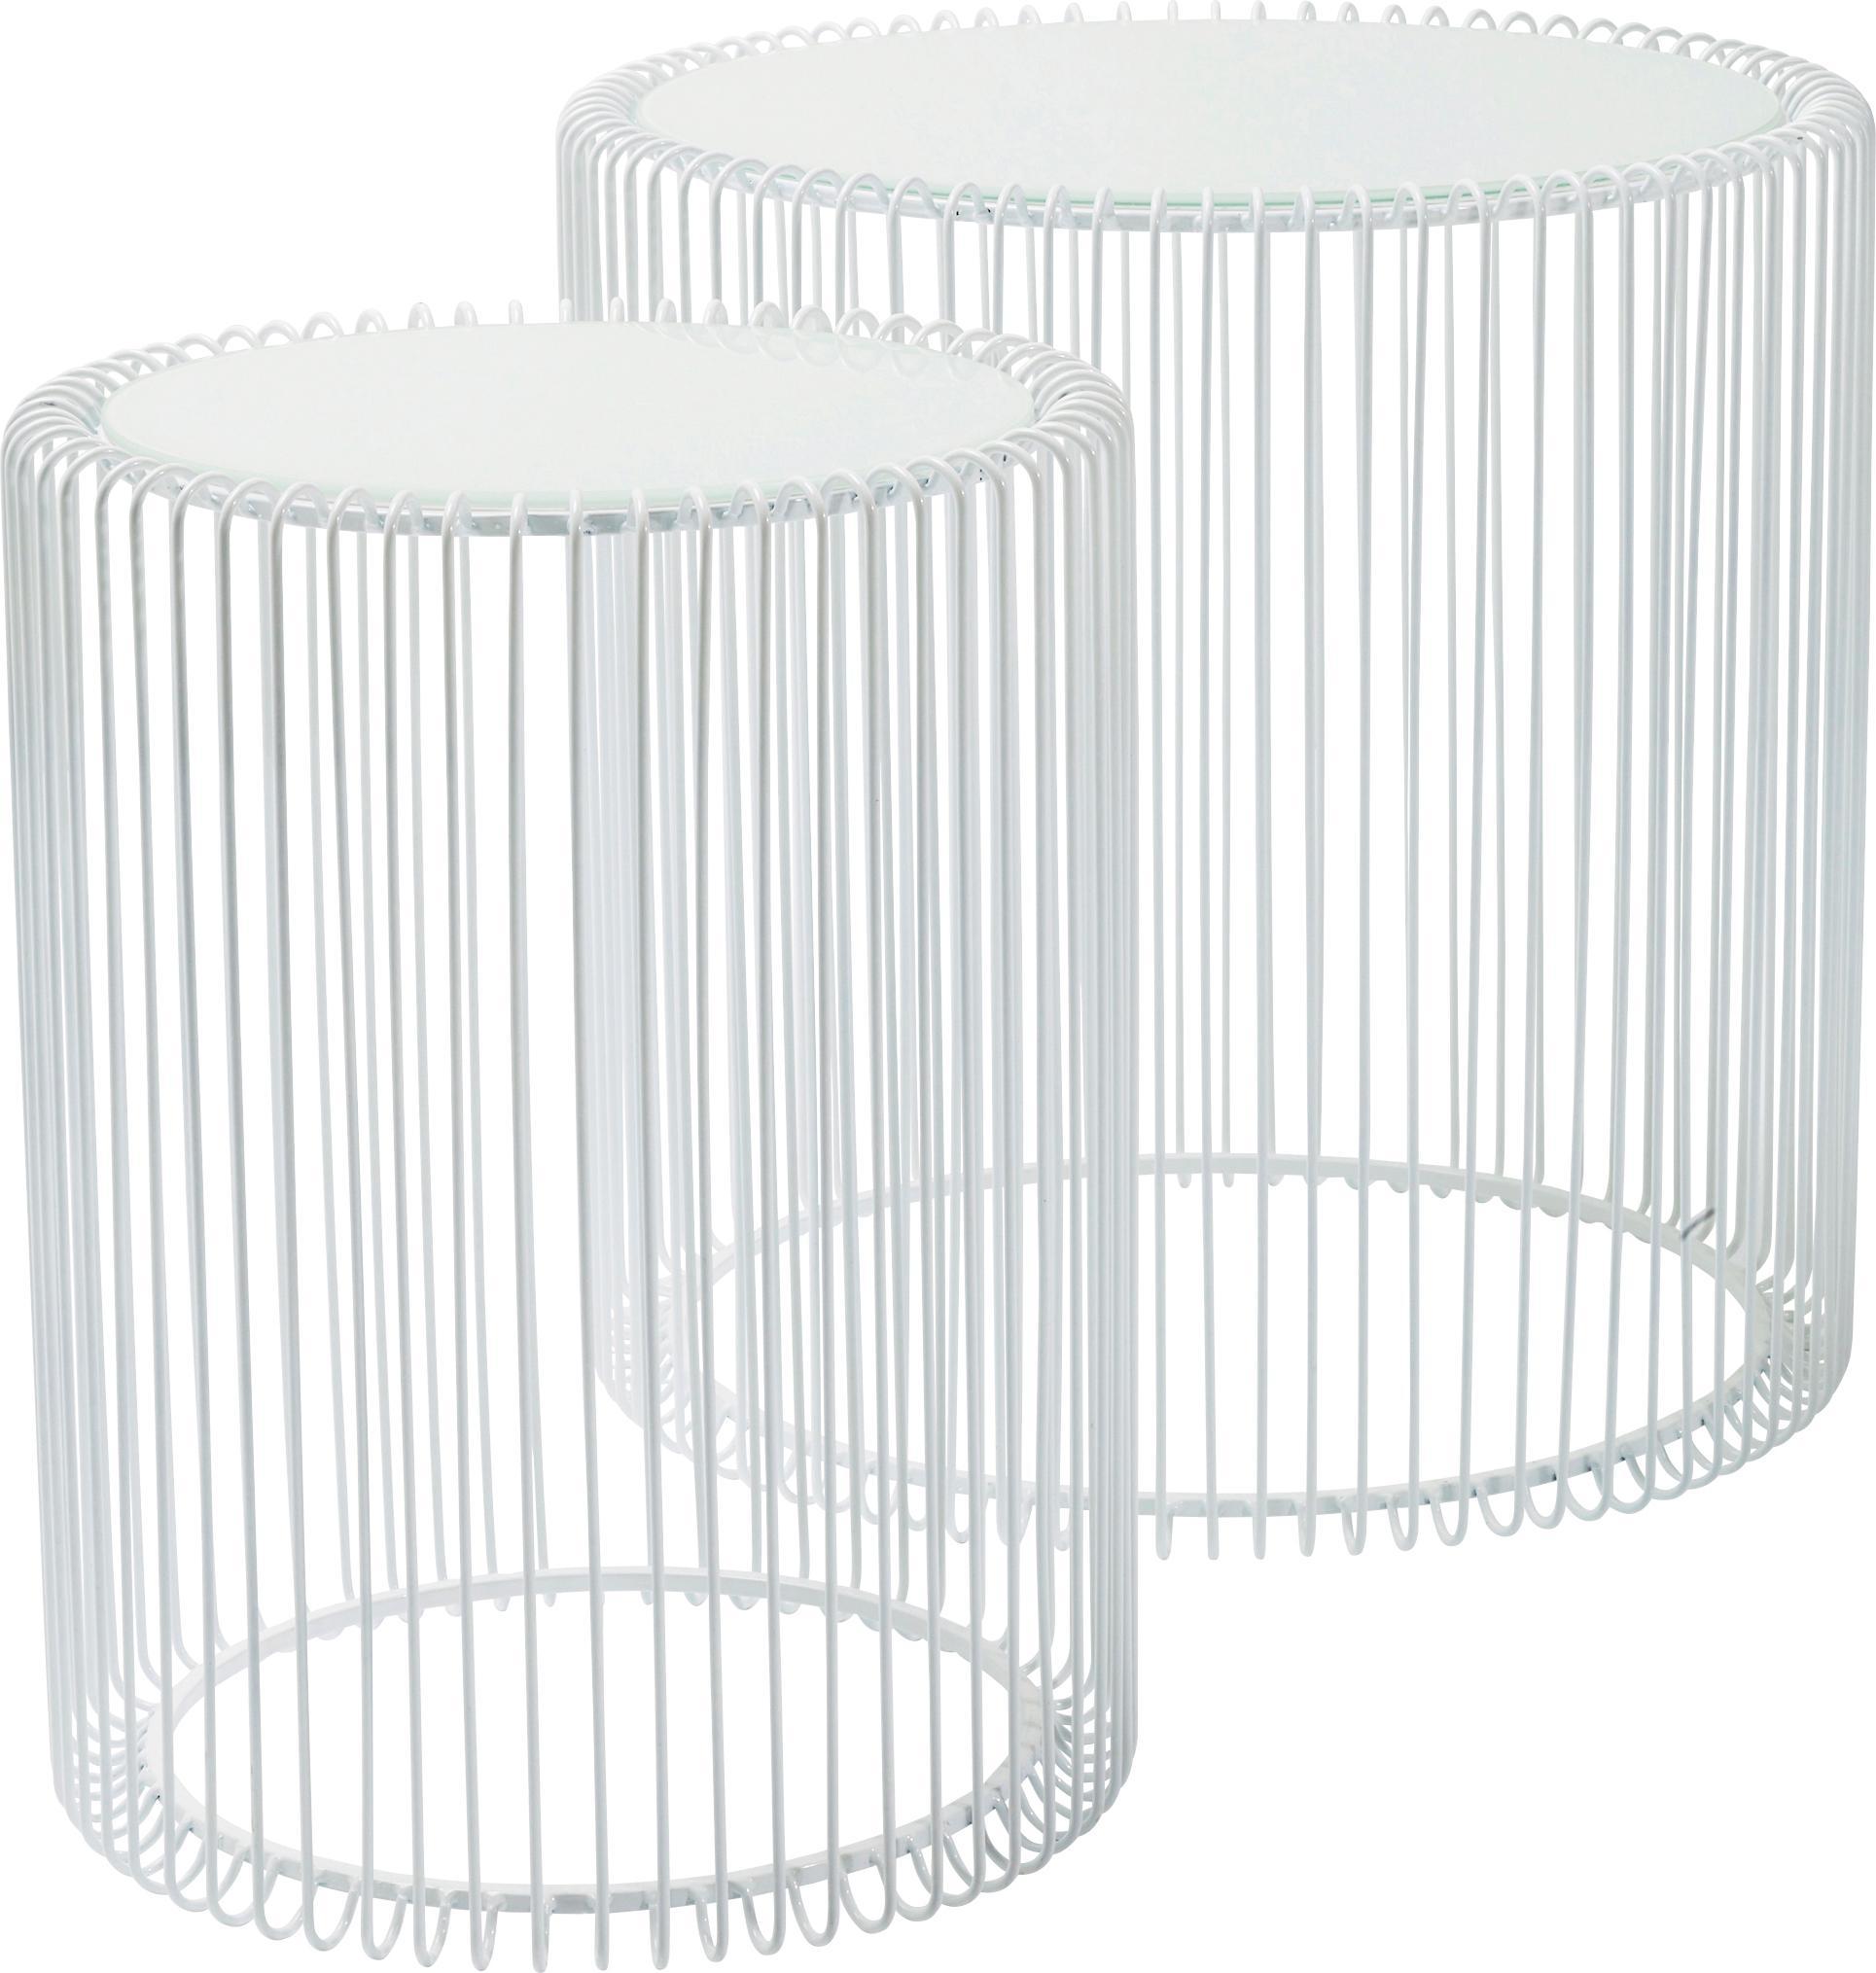 Metall-Beistelltisch 2er-Set Wire mit Glasplatte, Gestell: Metall, pulverbeschichtet, Tischplatte: Sicherheitsglas, foliert, Weiss, Set mit verschiedenen Grössen